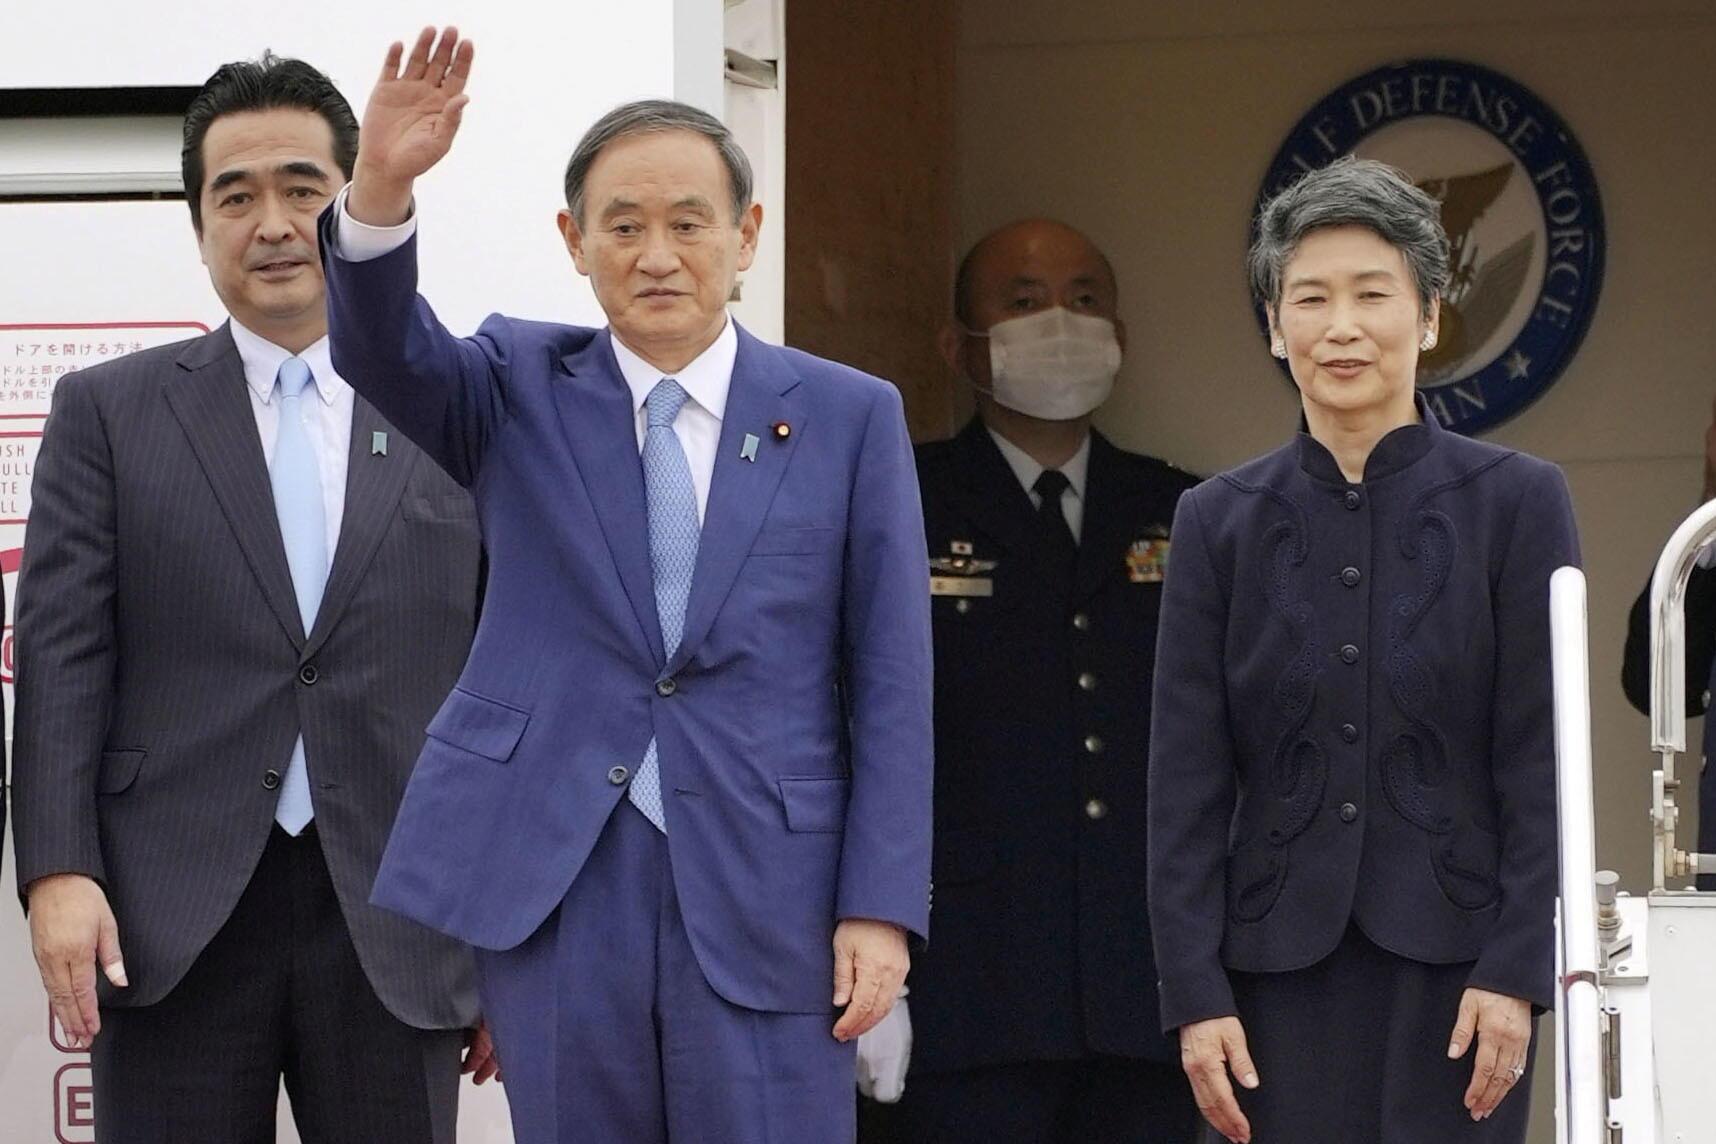 2020-10-18T081241Z_28964444_RC2WKJ91YYMM_RTRMADP_3_JAPAN-POLITICS-SUGA